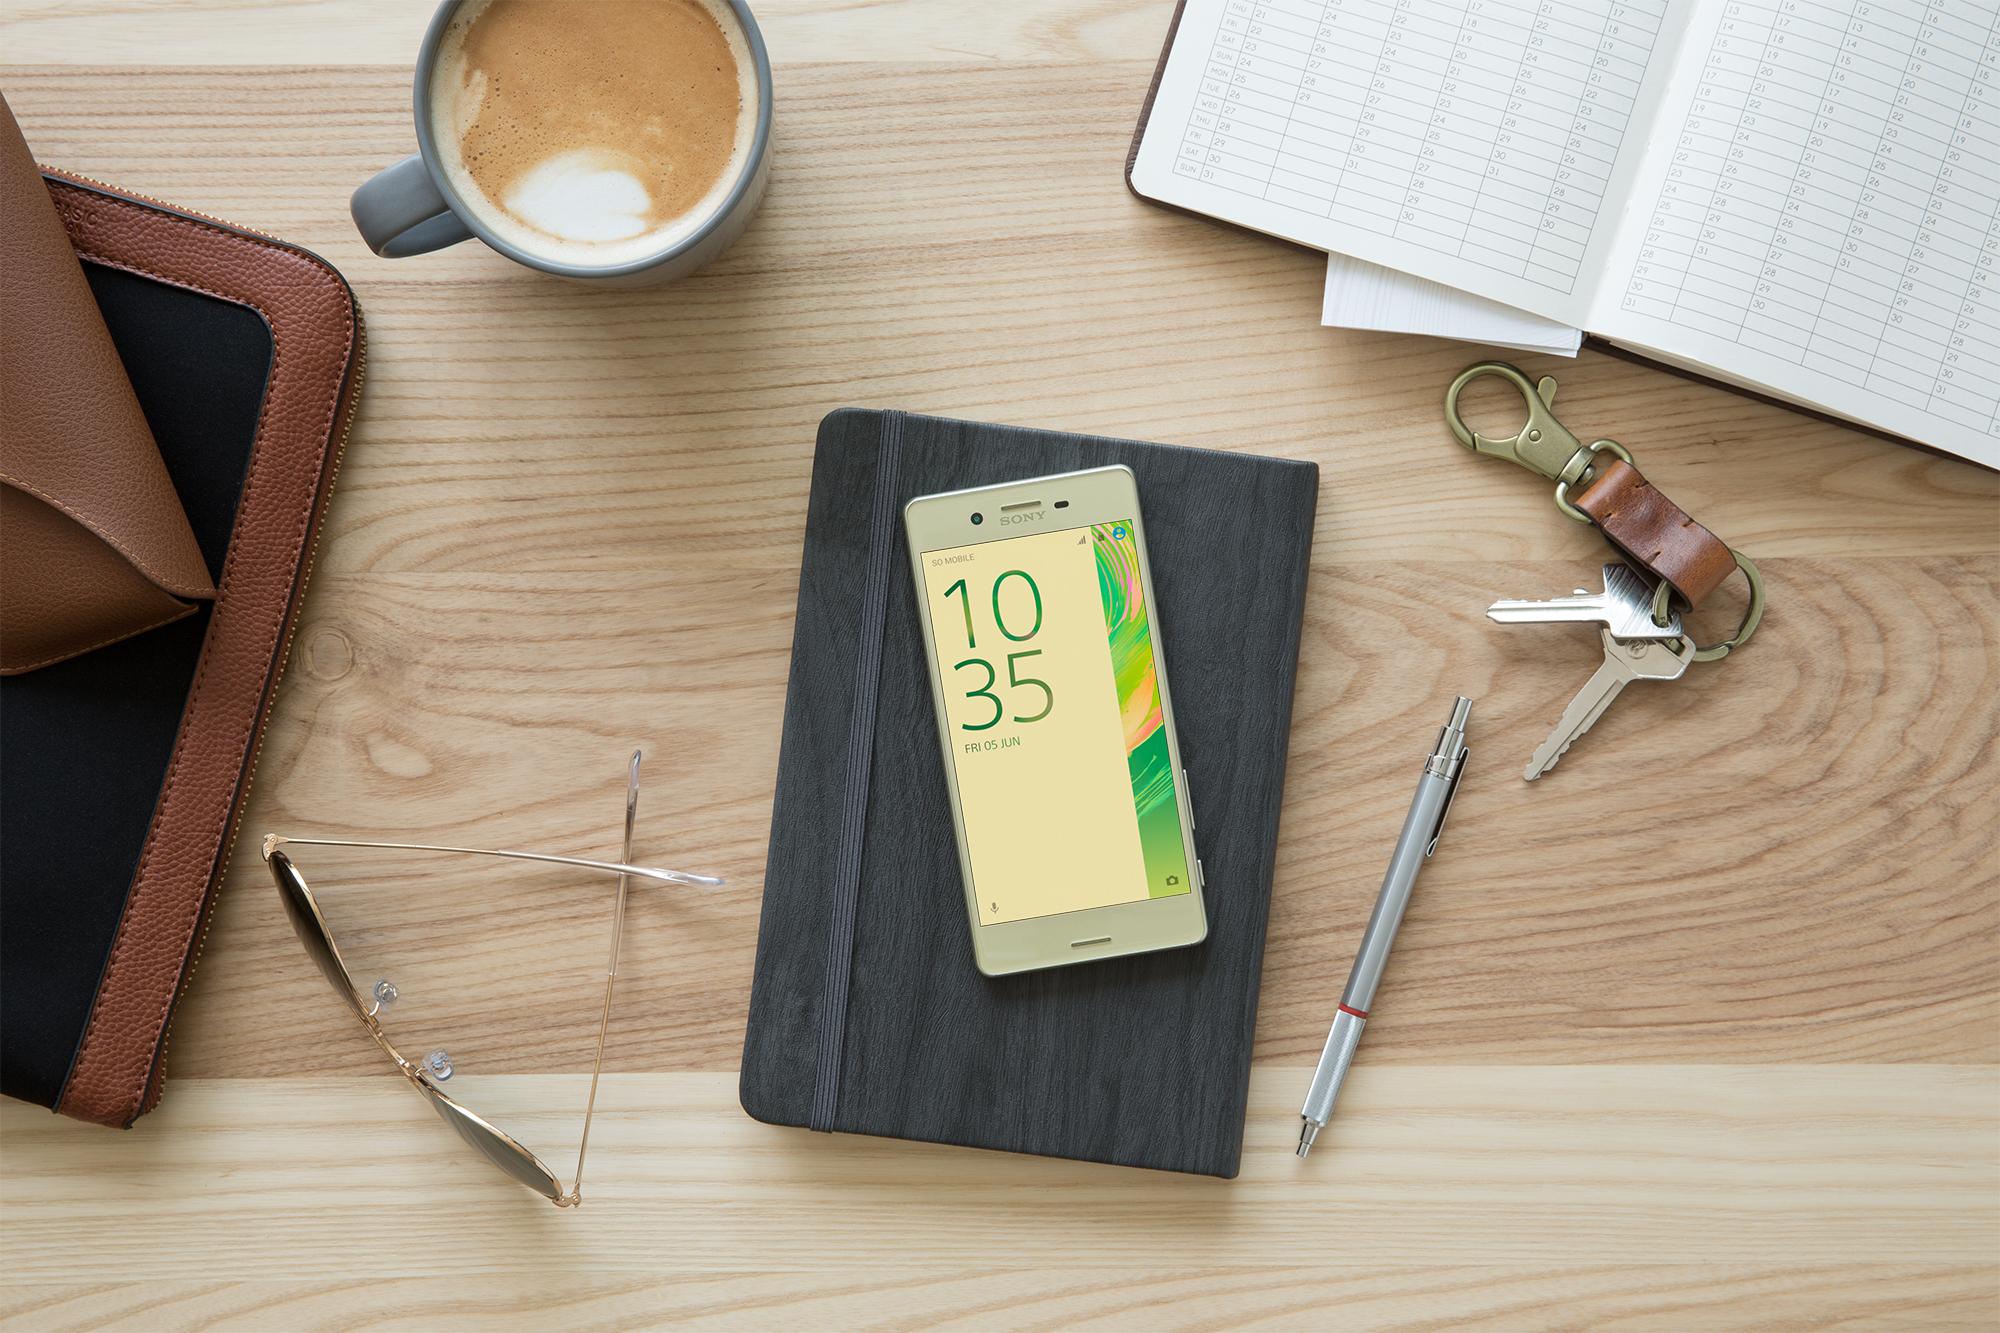 Xperia-X-Lime-Green-PIS-Design-085a3135585dd509c9fe7144ab68d1dd